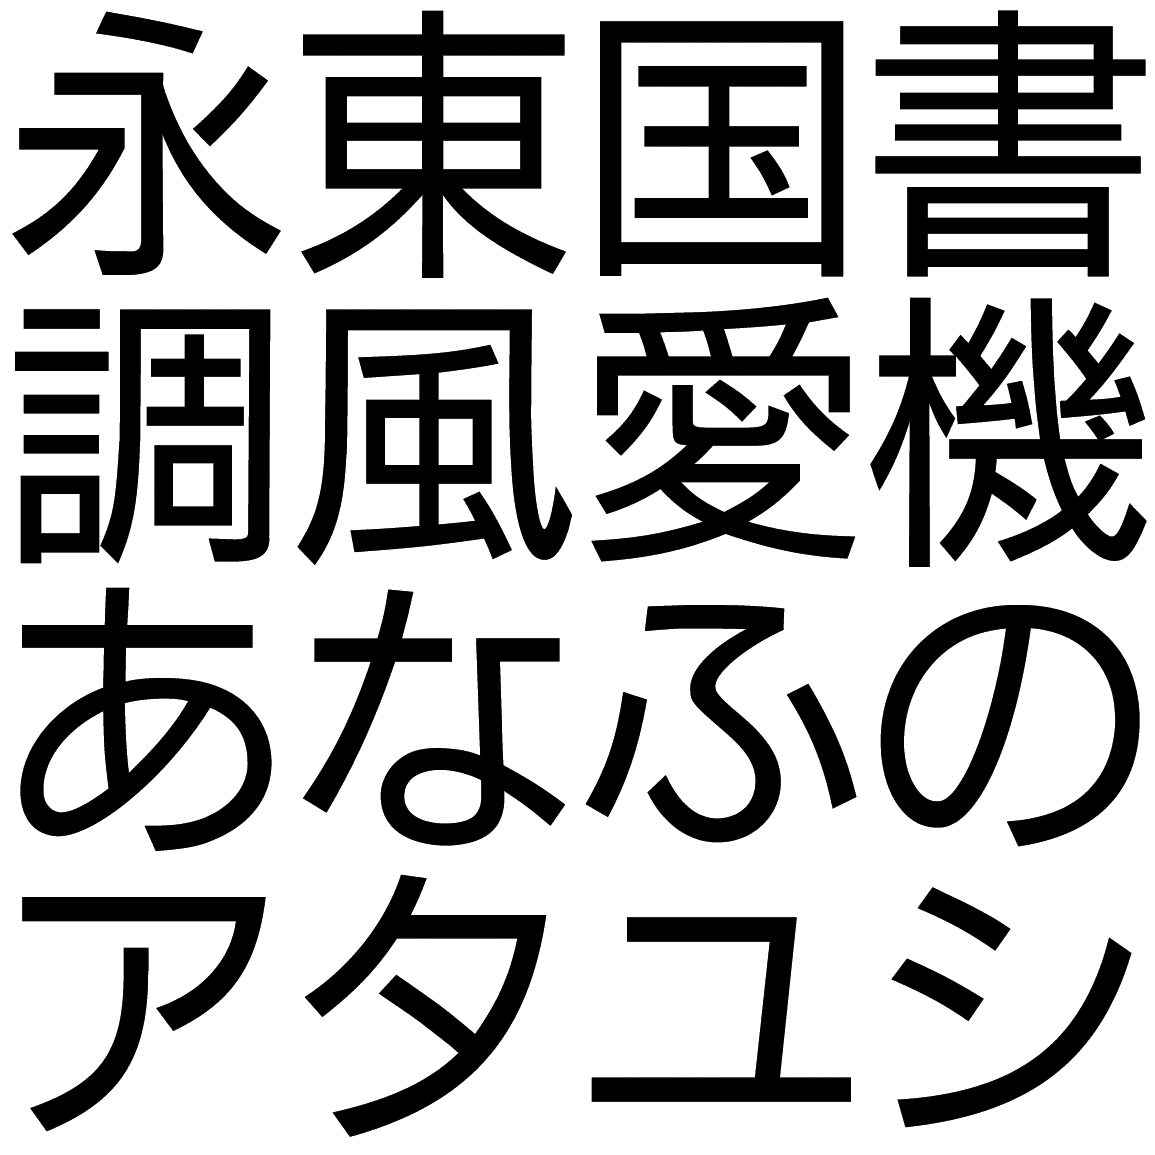 ゴナ D DNAG 字形見本